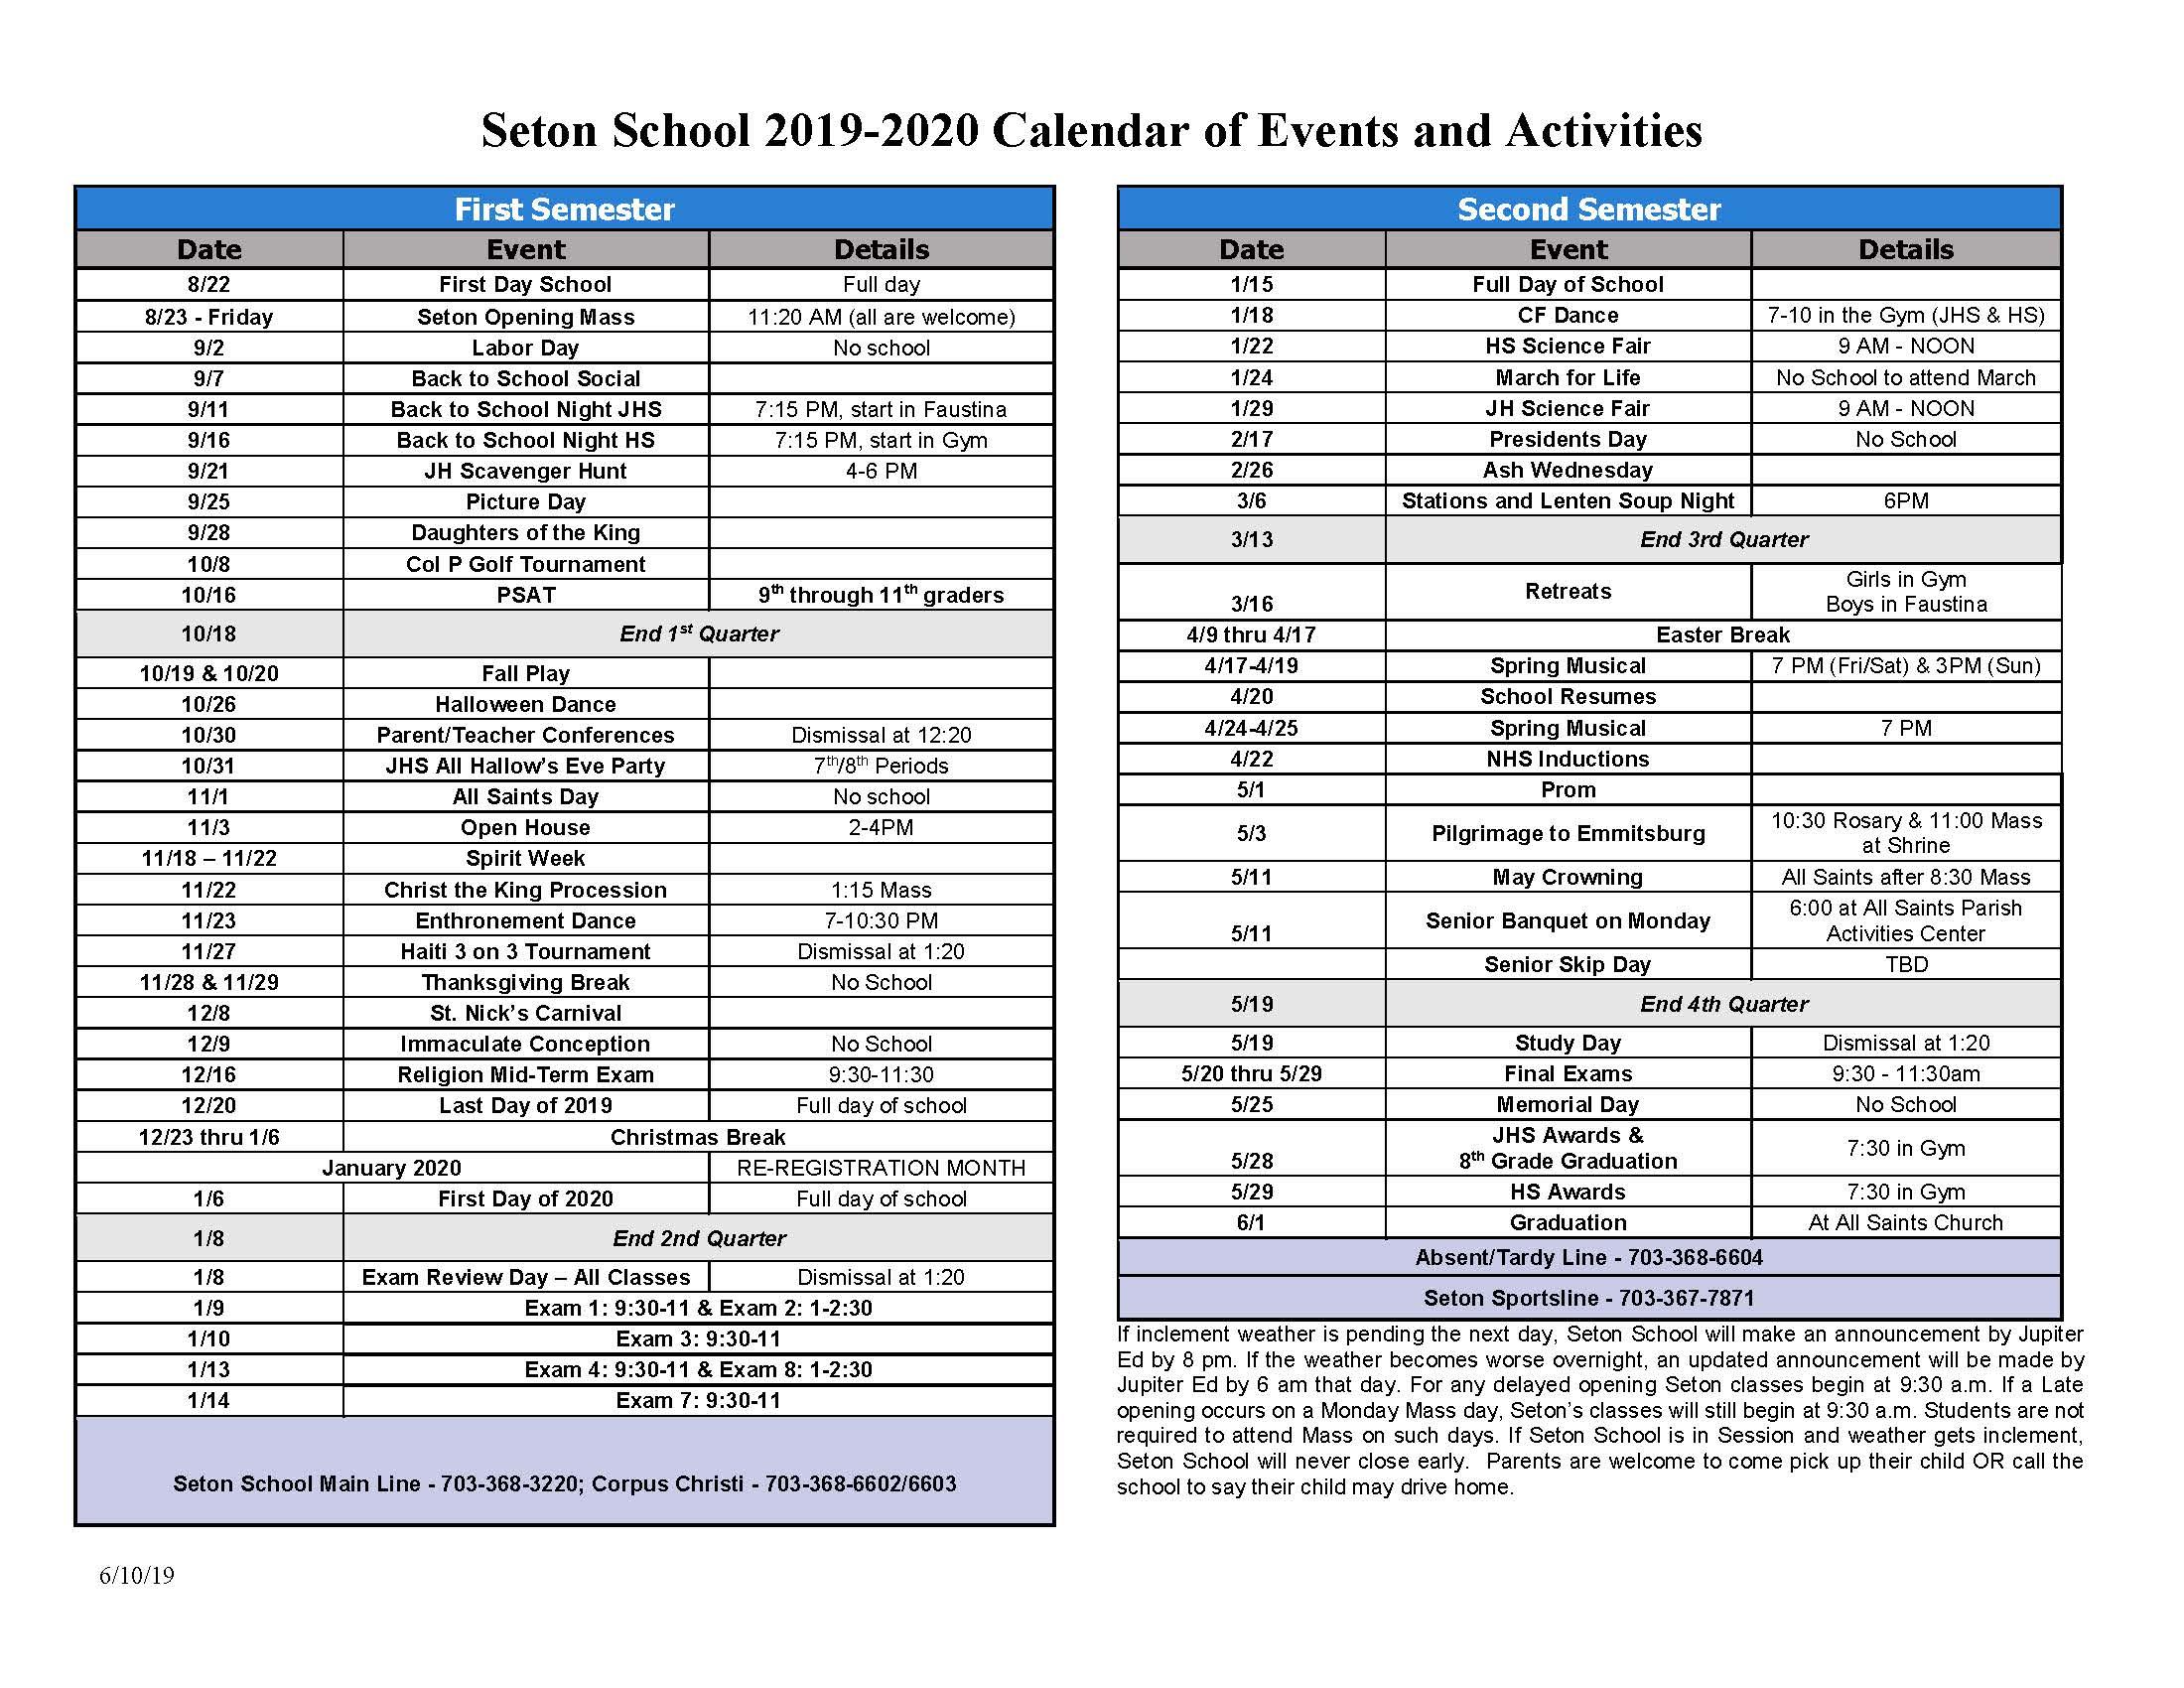 Event Calendar 2020 Events Calendar   Seton School Manassas